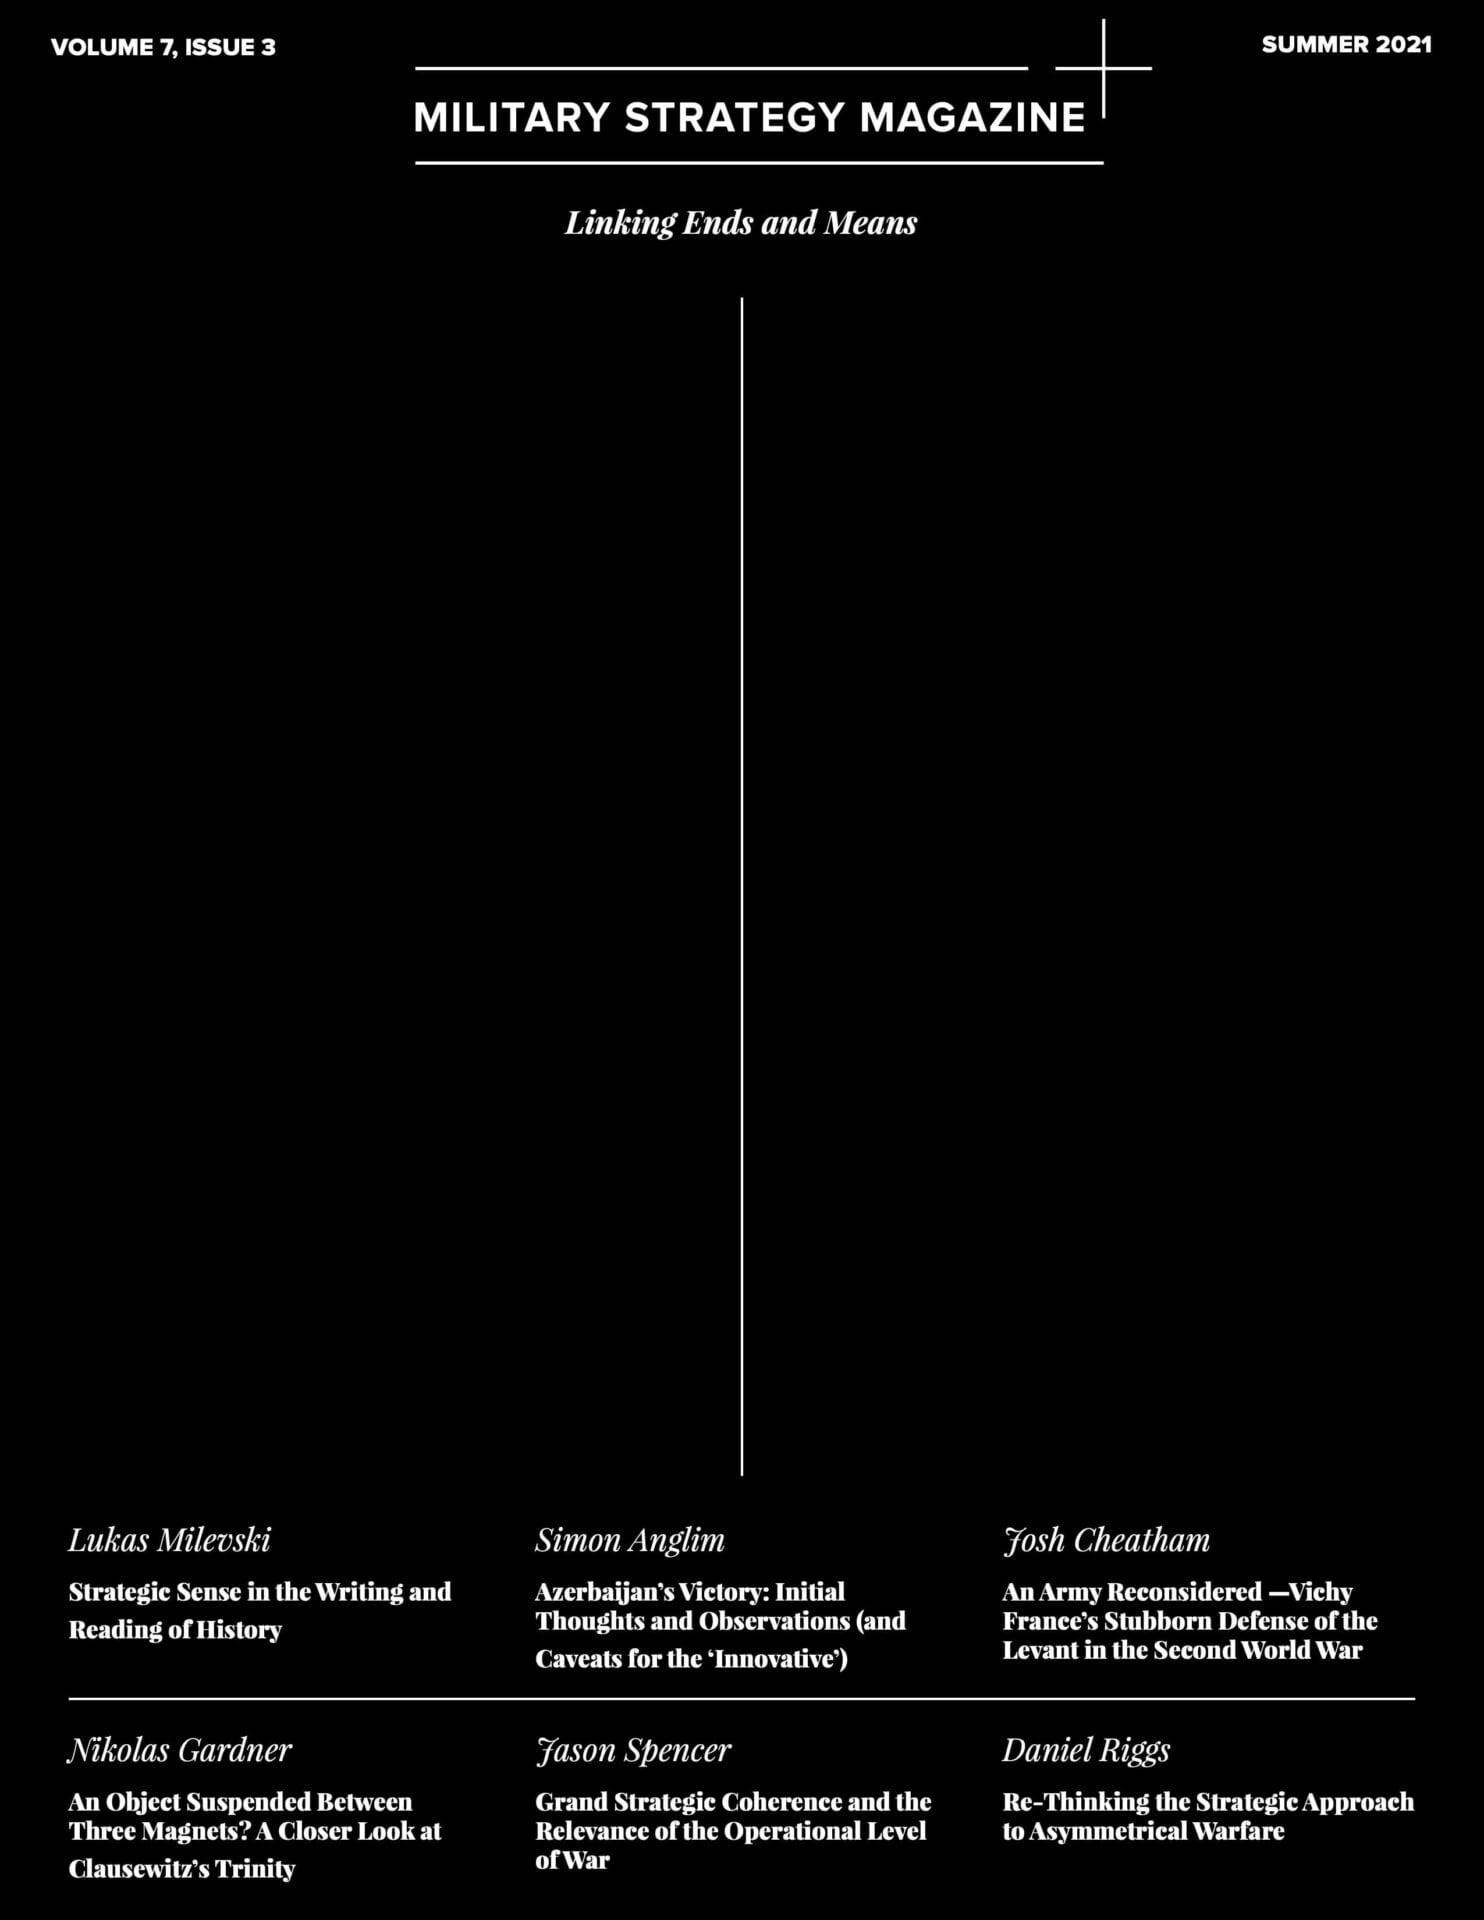 Volume 7, Issue 3